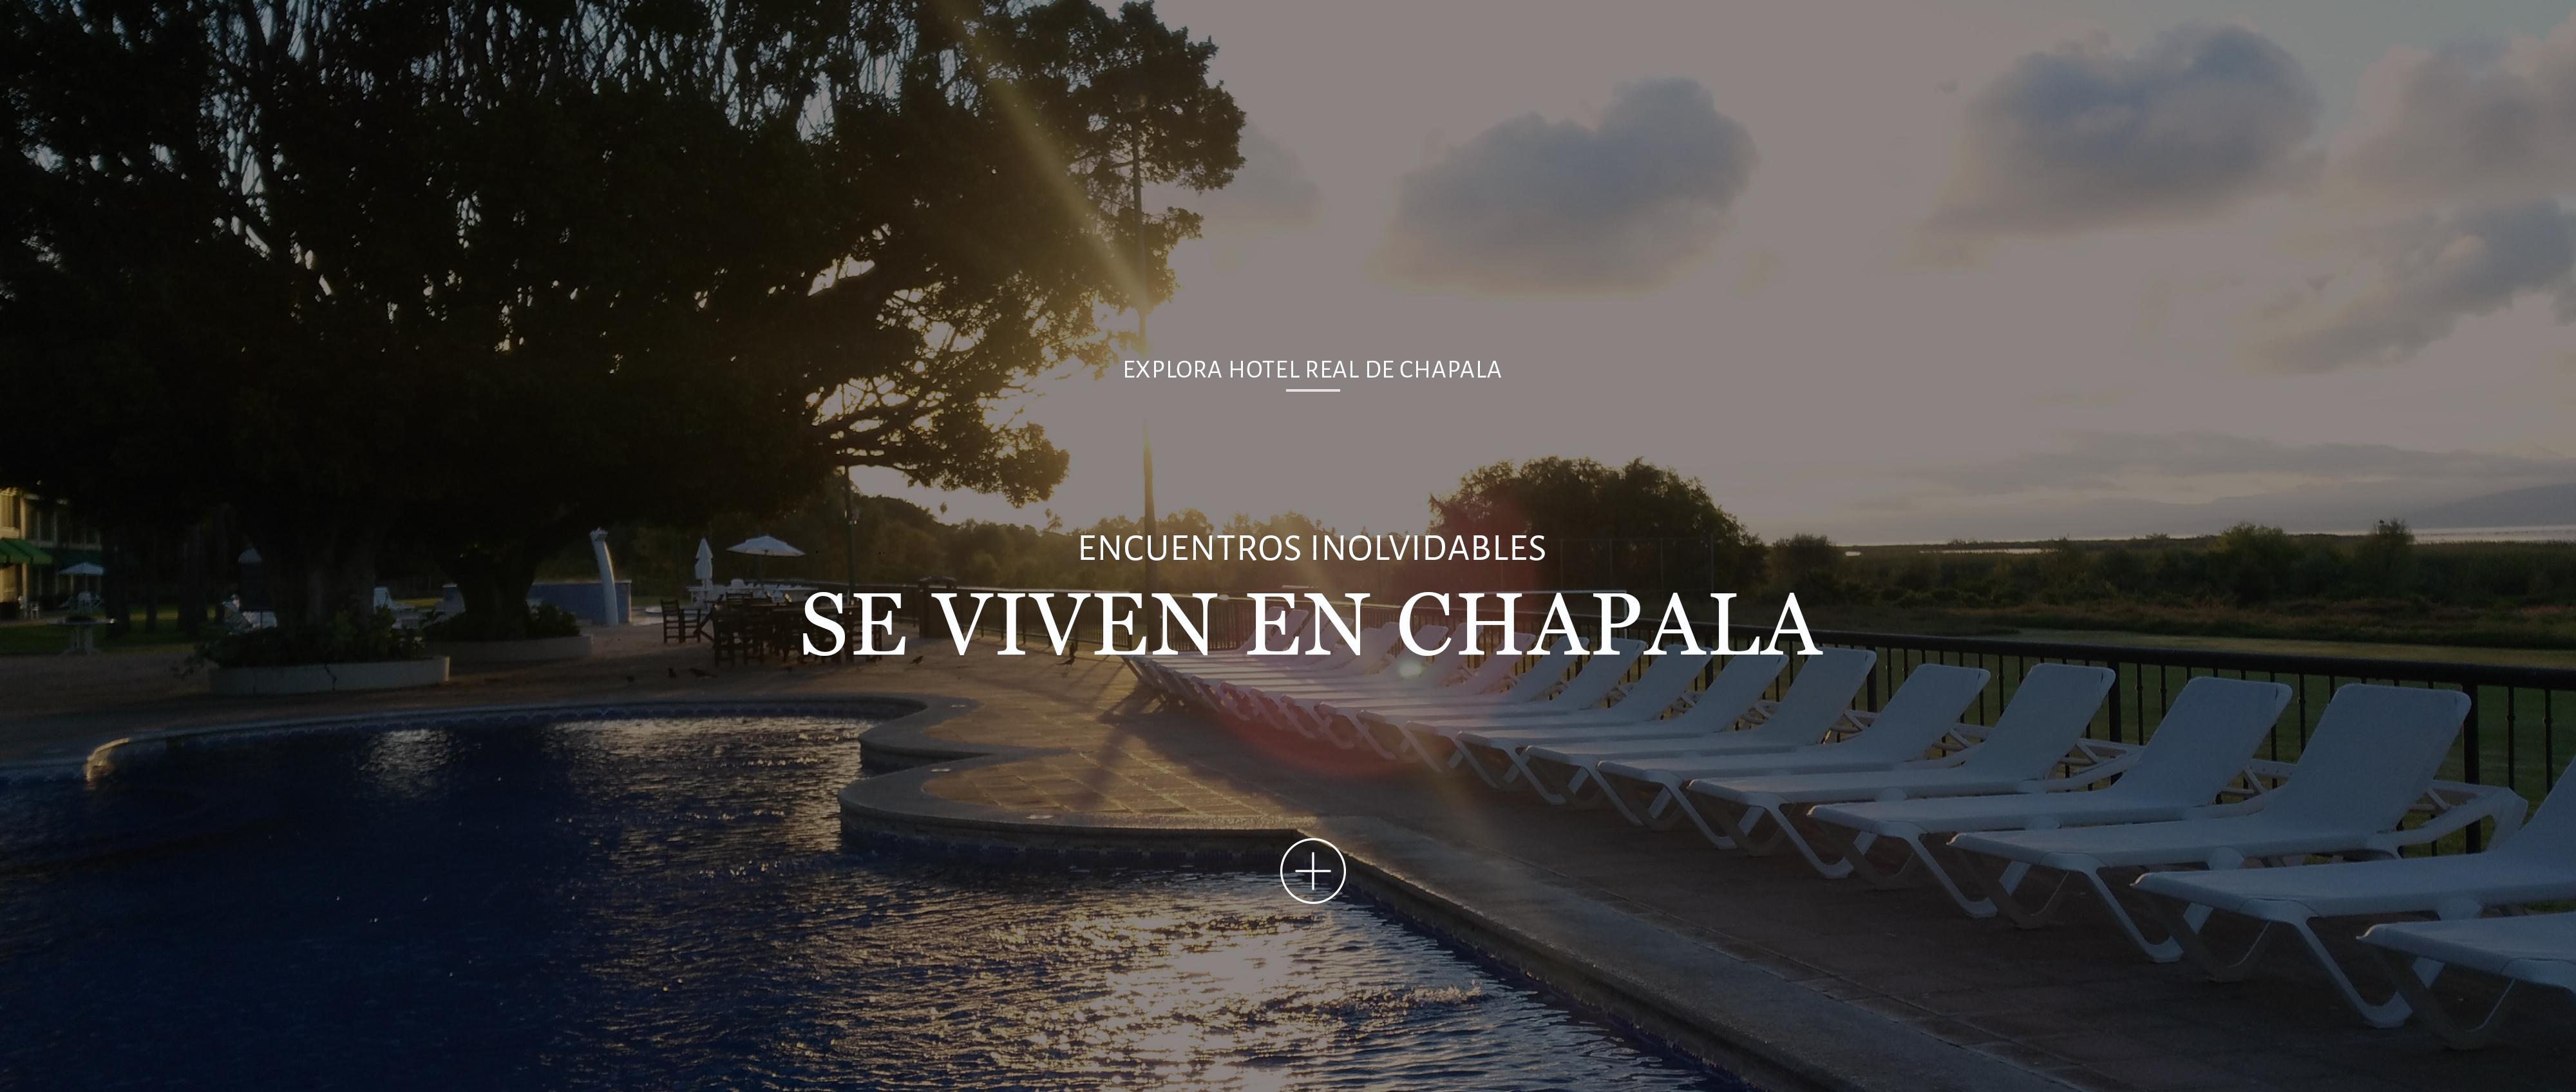 Hotel Real de Chapala, Vacaciones, Eventos, Grupos